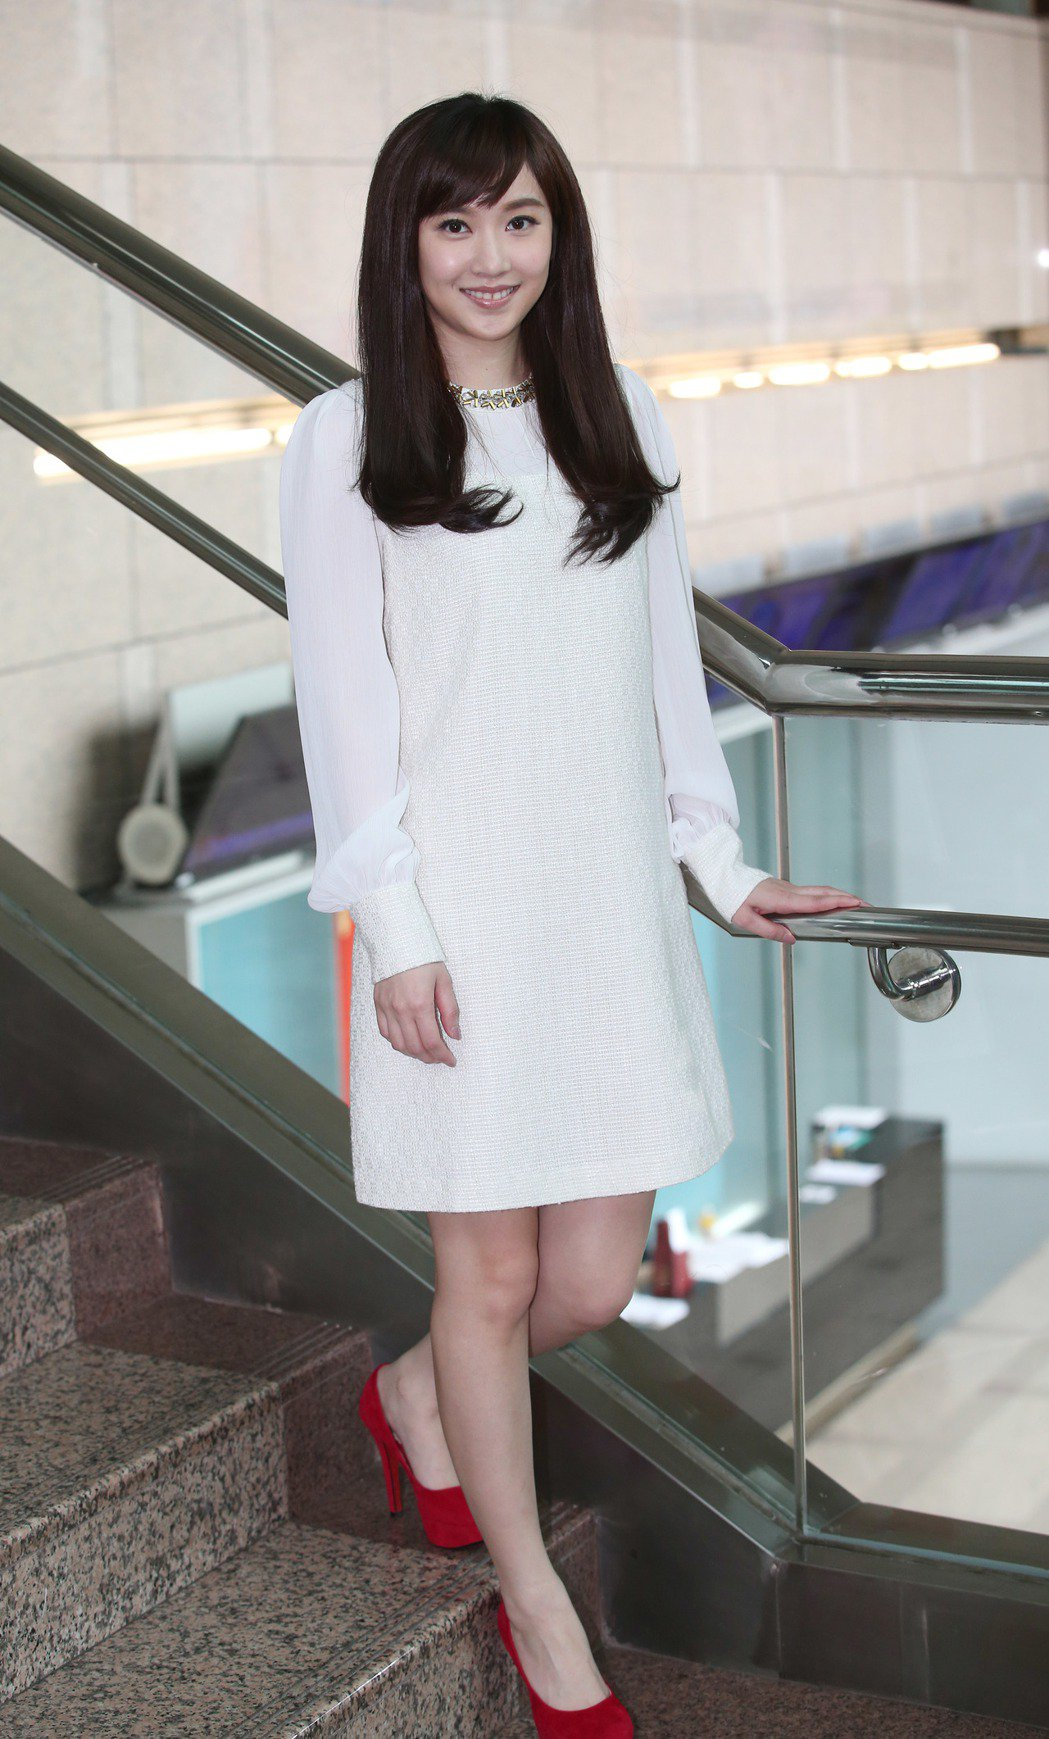 中視主播李佳玲獲選「新一代主播女神」冠軍。記者陳瑞源/攝影